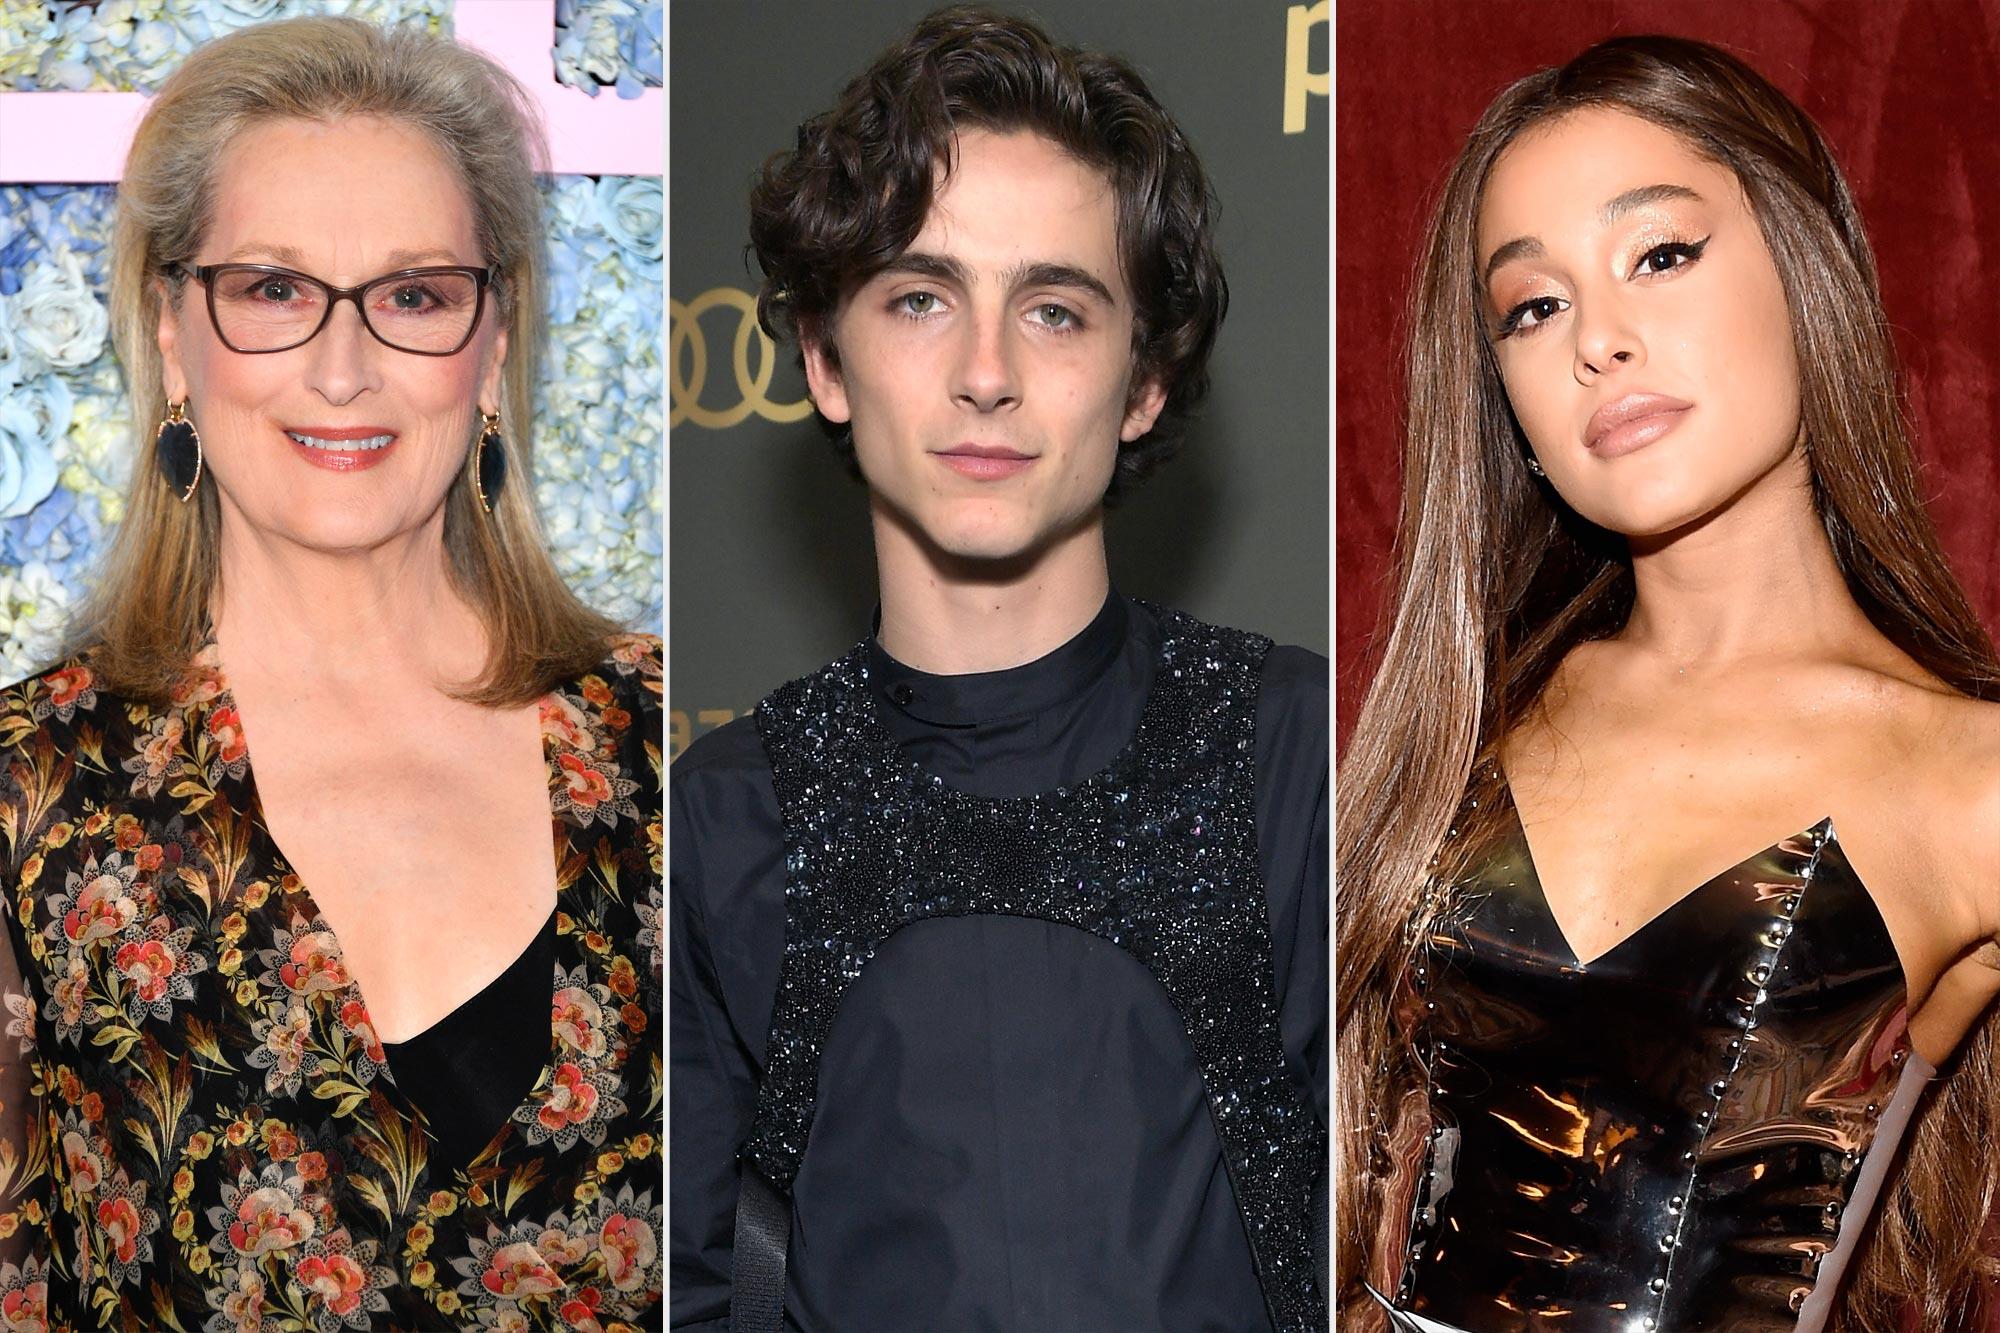 Meryl Streep, Timothee Chalamet, Ariana Grande